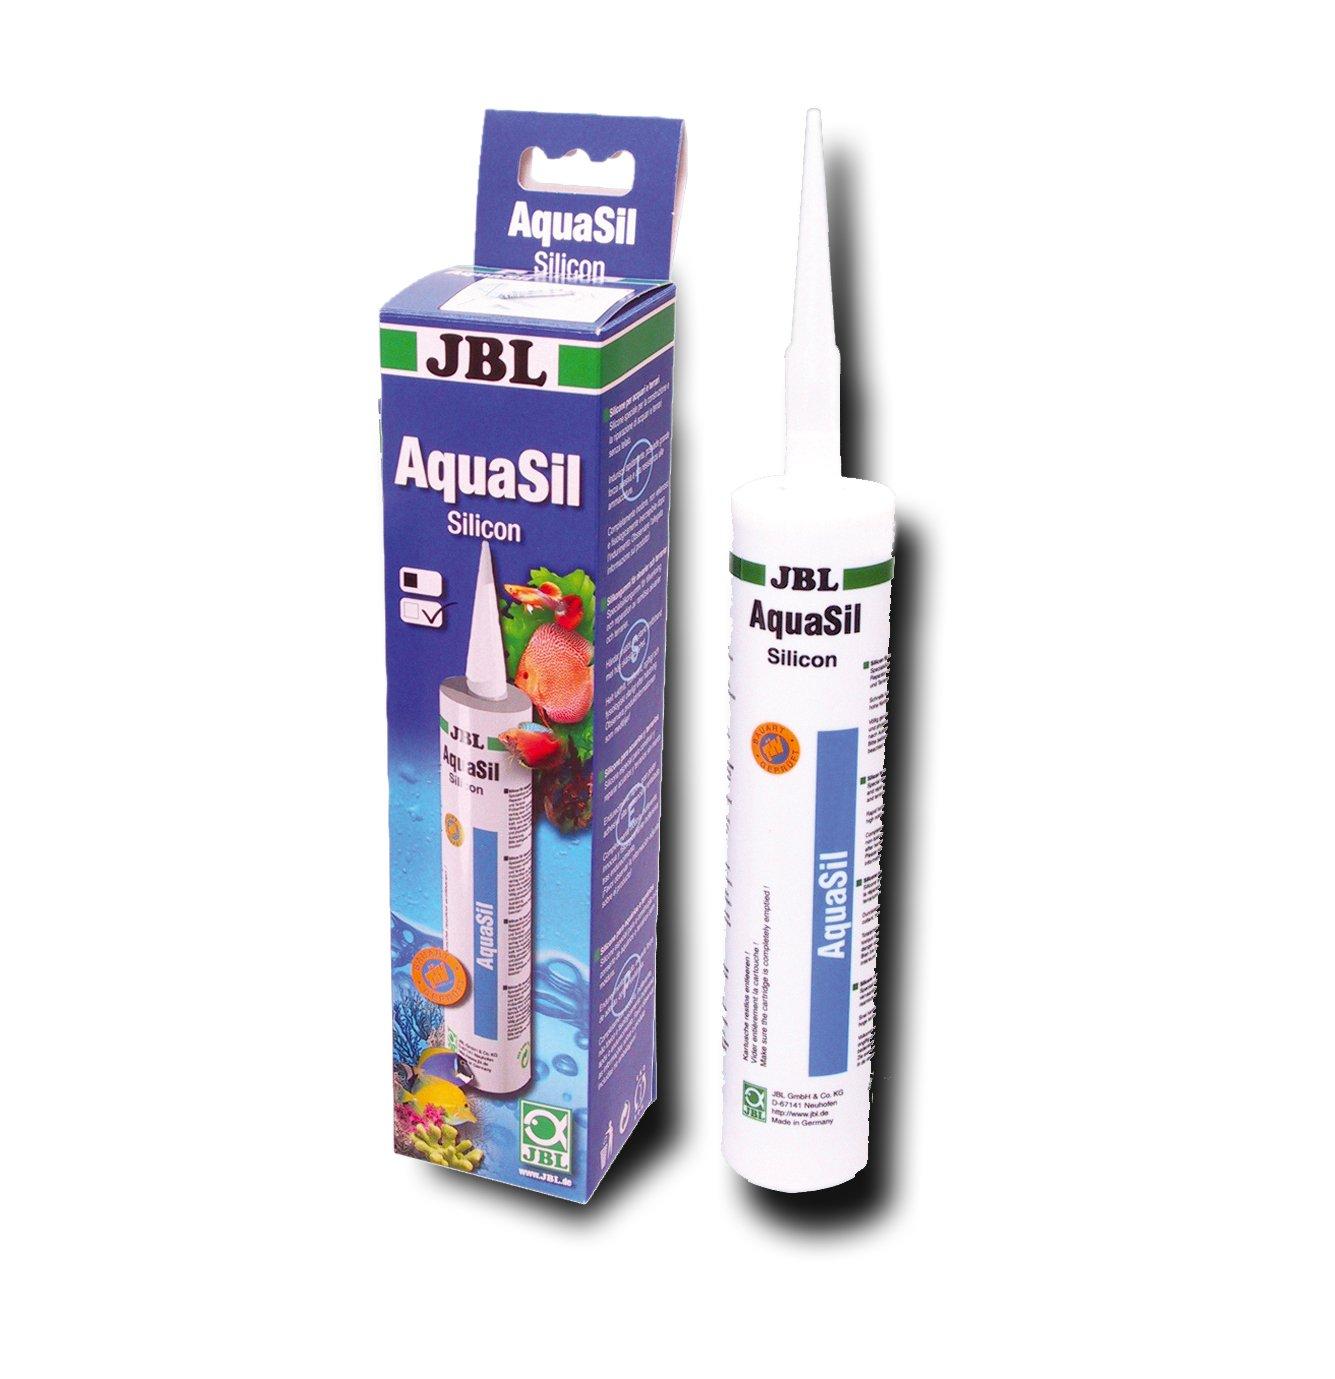 JBL Silicona especial para acuarios y terrarios AquaSil: Amazon.es: Productos para mascotas